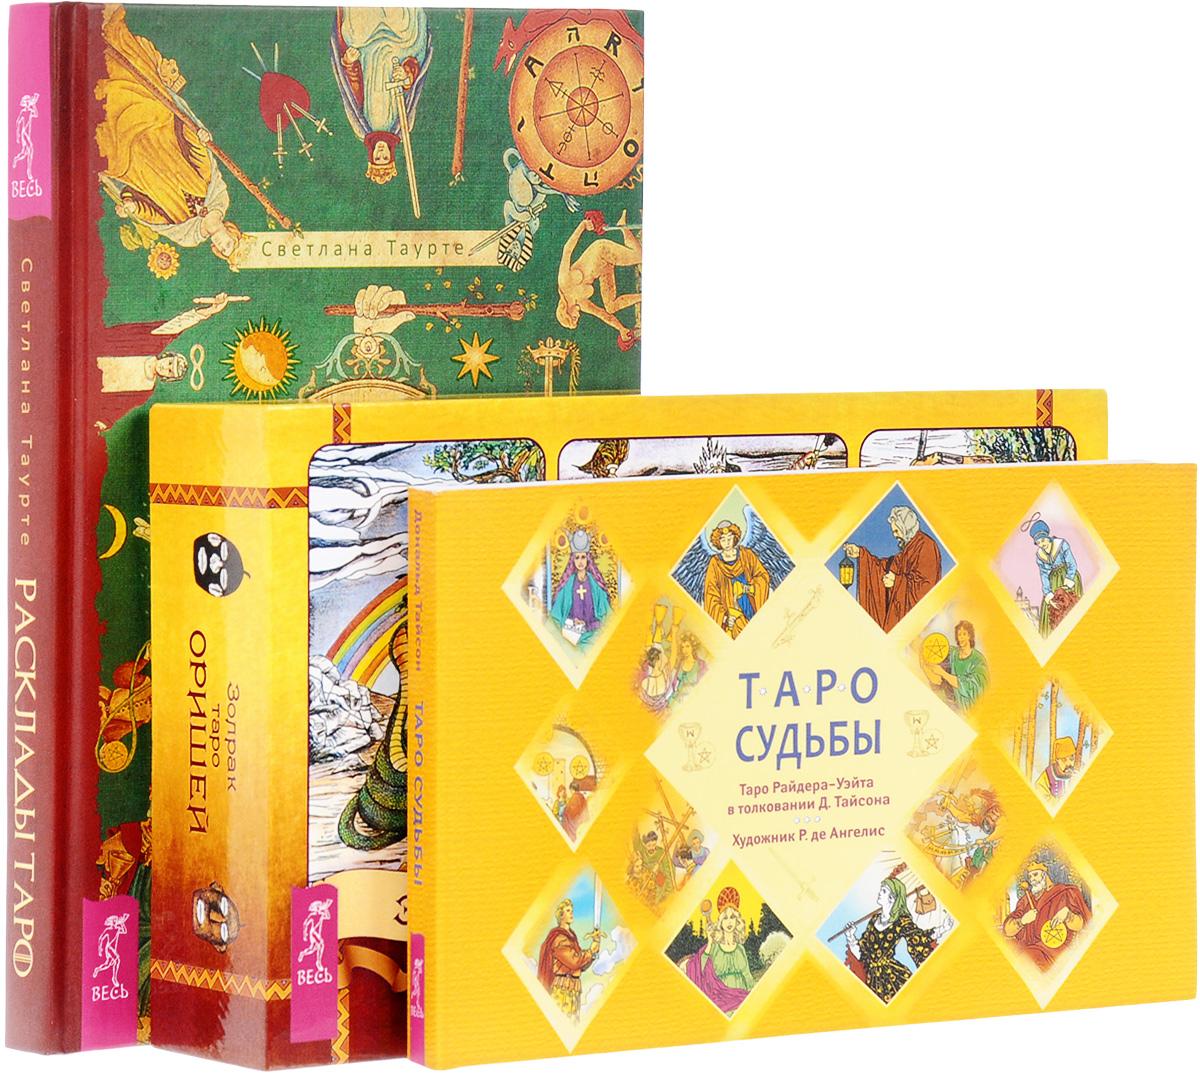 Золрак, Д. Тайсон, Светлана Таурте Таро Оришей. Таро судьбы. Расклады Таро (комплект из 3 книг + 77 карт) дональд тайсон мэри к гри таро просто как раз два три таро таро судьбы комплект из 3 книг набор из 78 карт